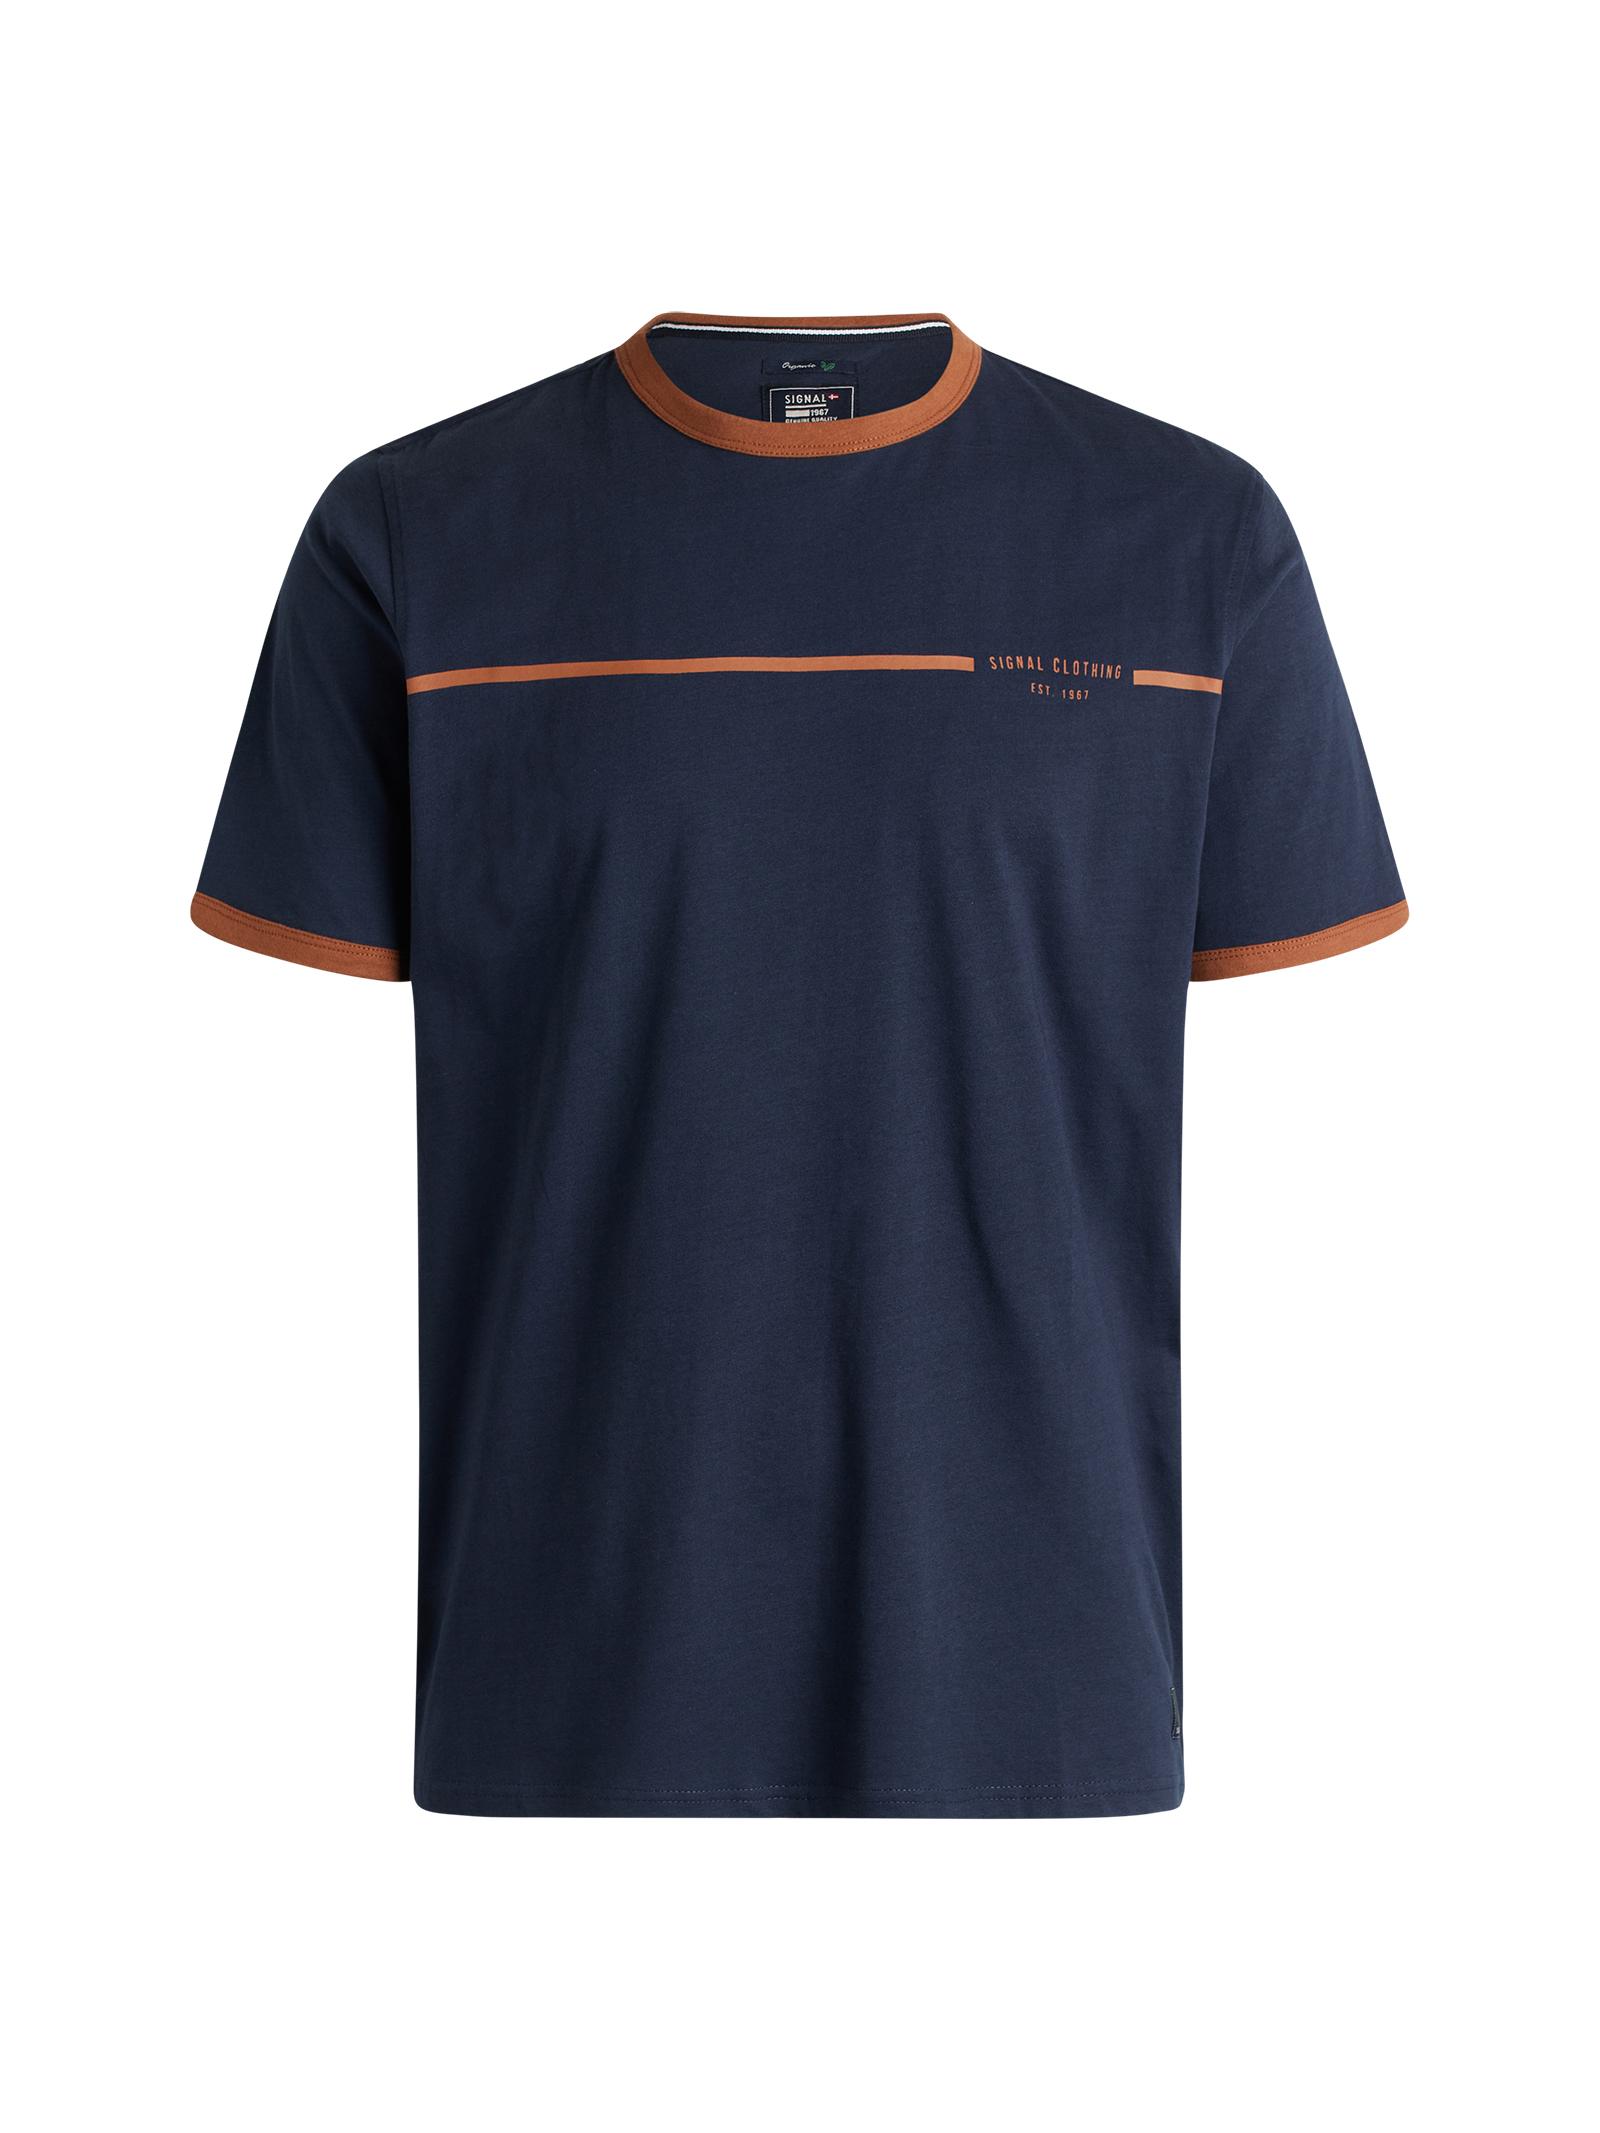 Signal New Aldo T-shirt, Duke Blue, M